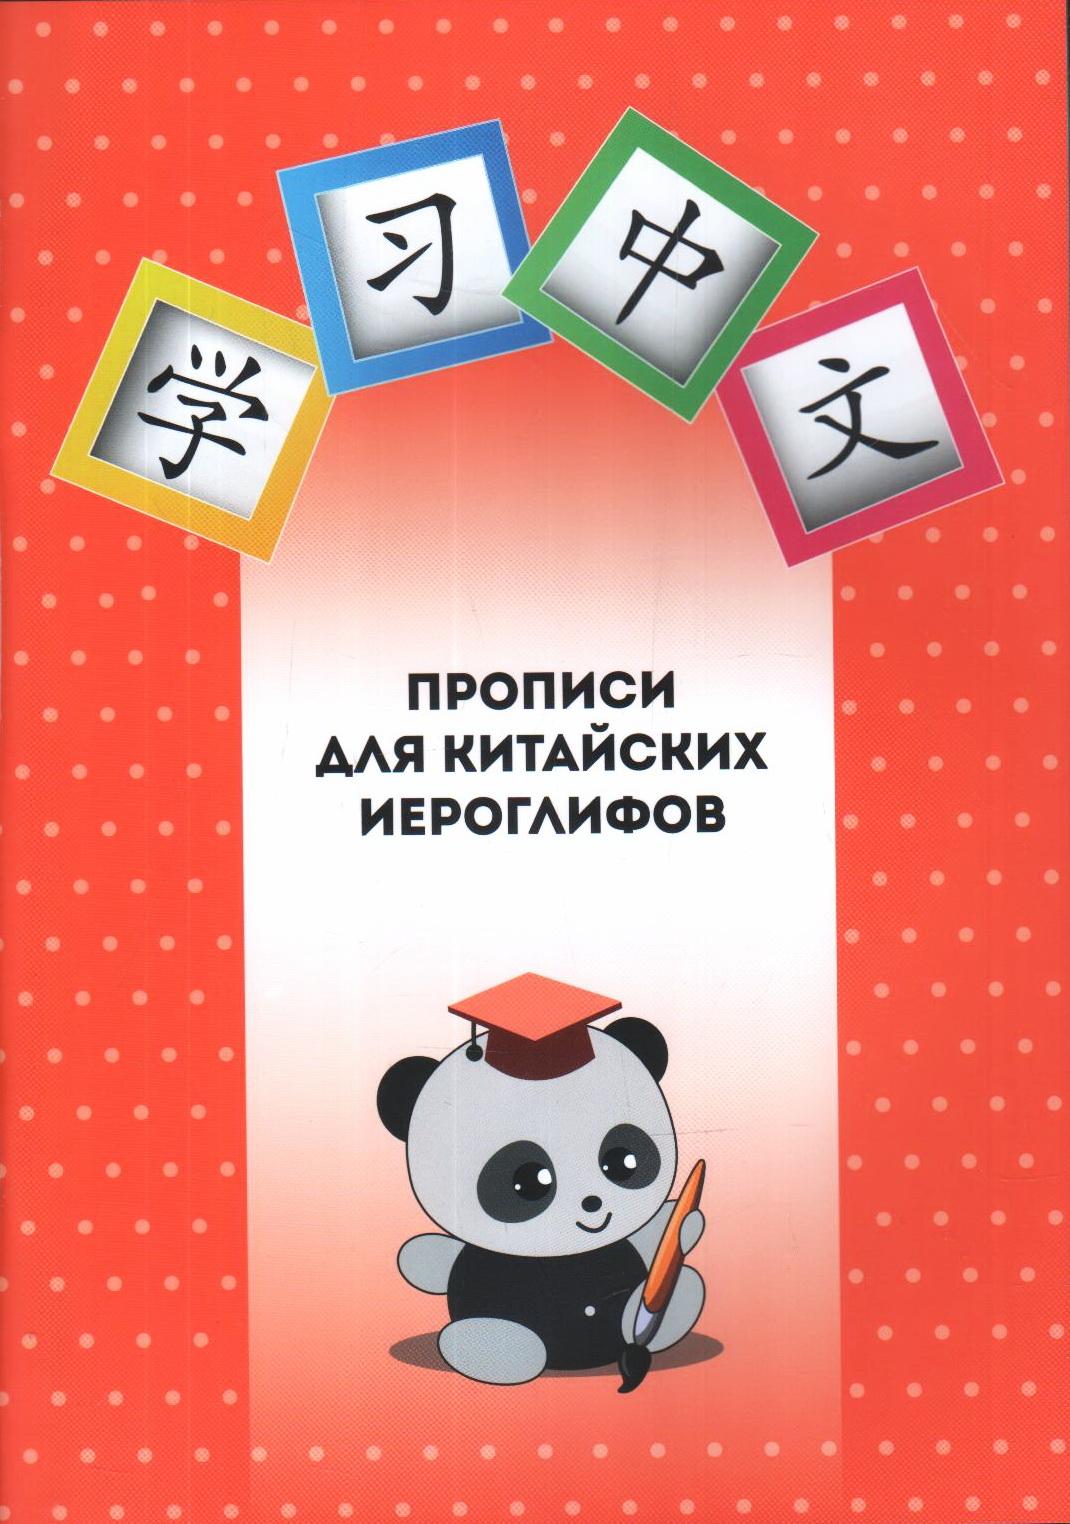 Прописи для китайских иероглифов